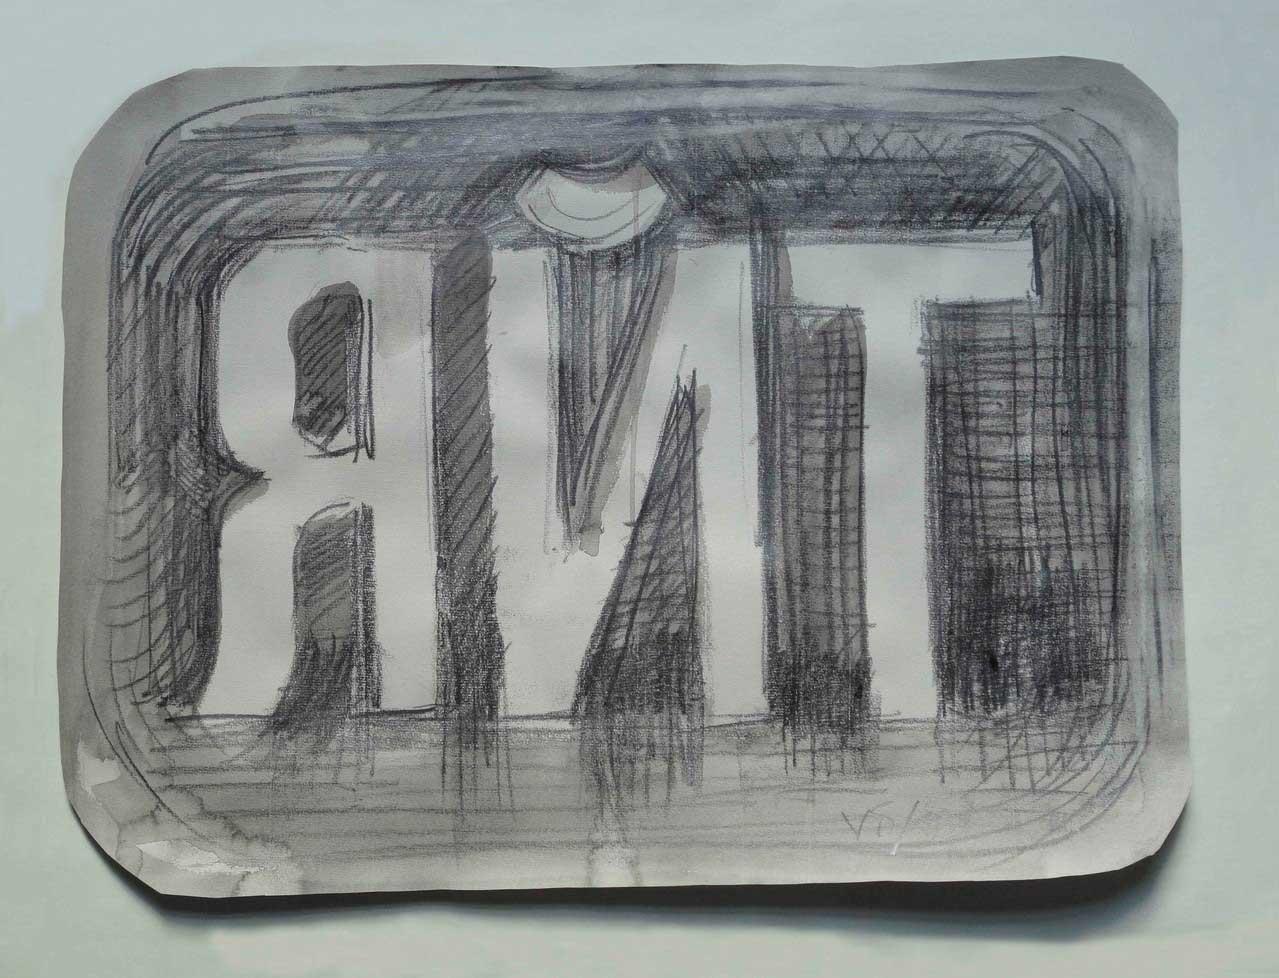 o.T. aus der Reihe Bildersatz, 2013, Bleistift und Tusche auf Tonpapier